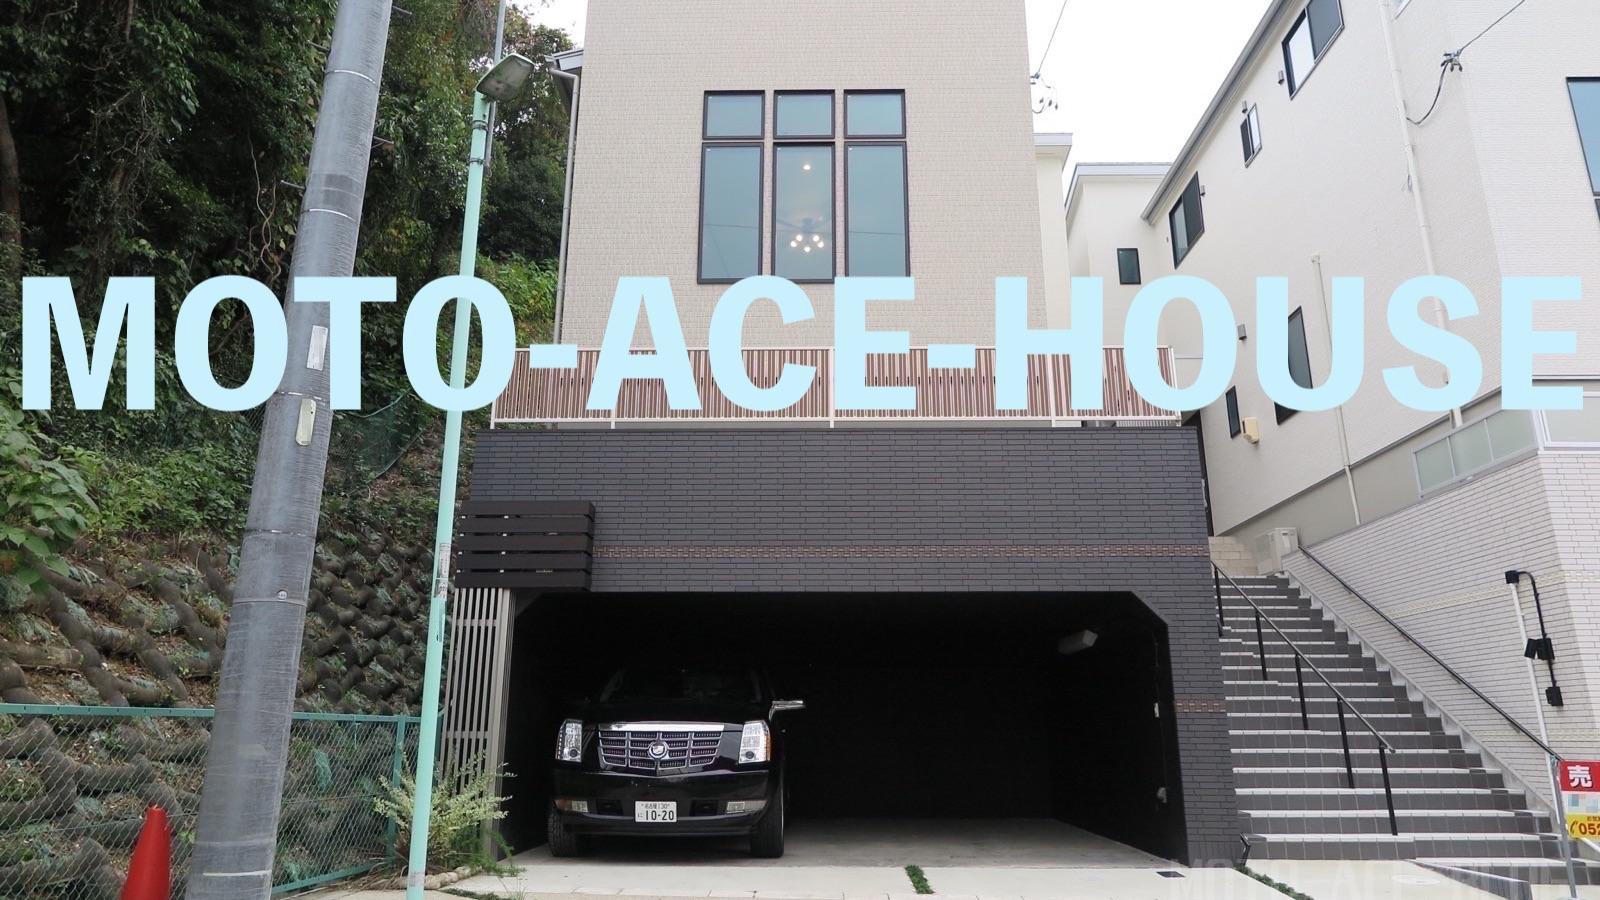 ソニー銀行で3500万円の住宅ローンを実行!!ブログで35年の重圧スタートを報告